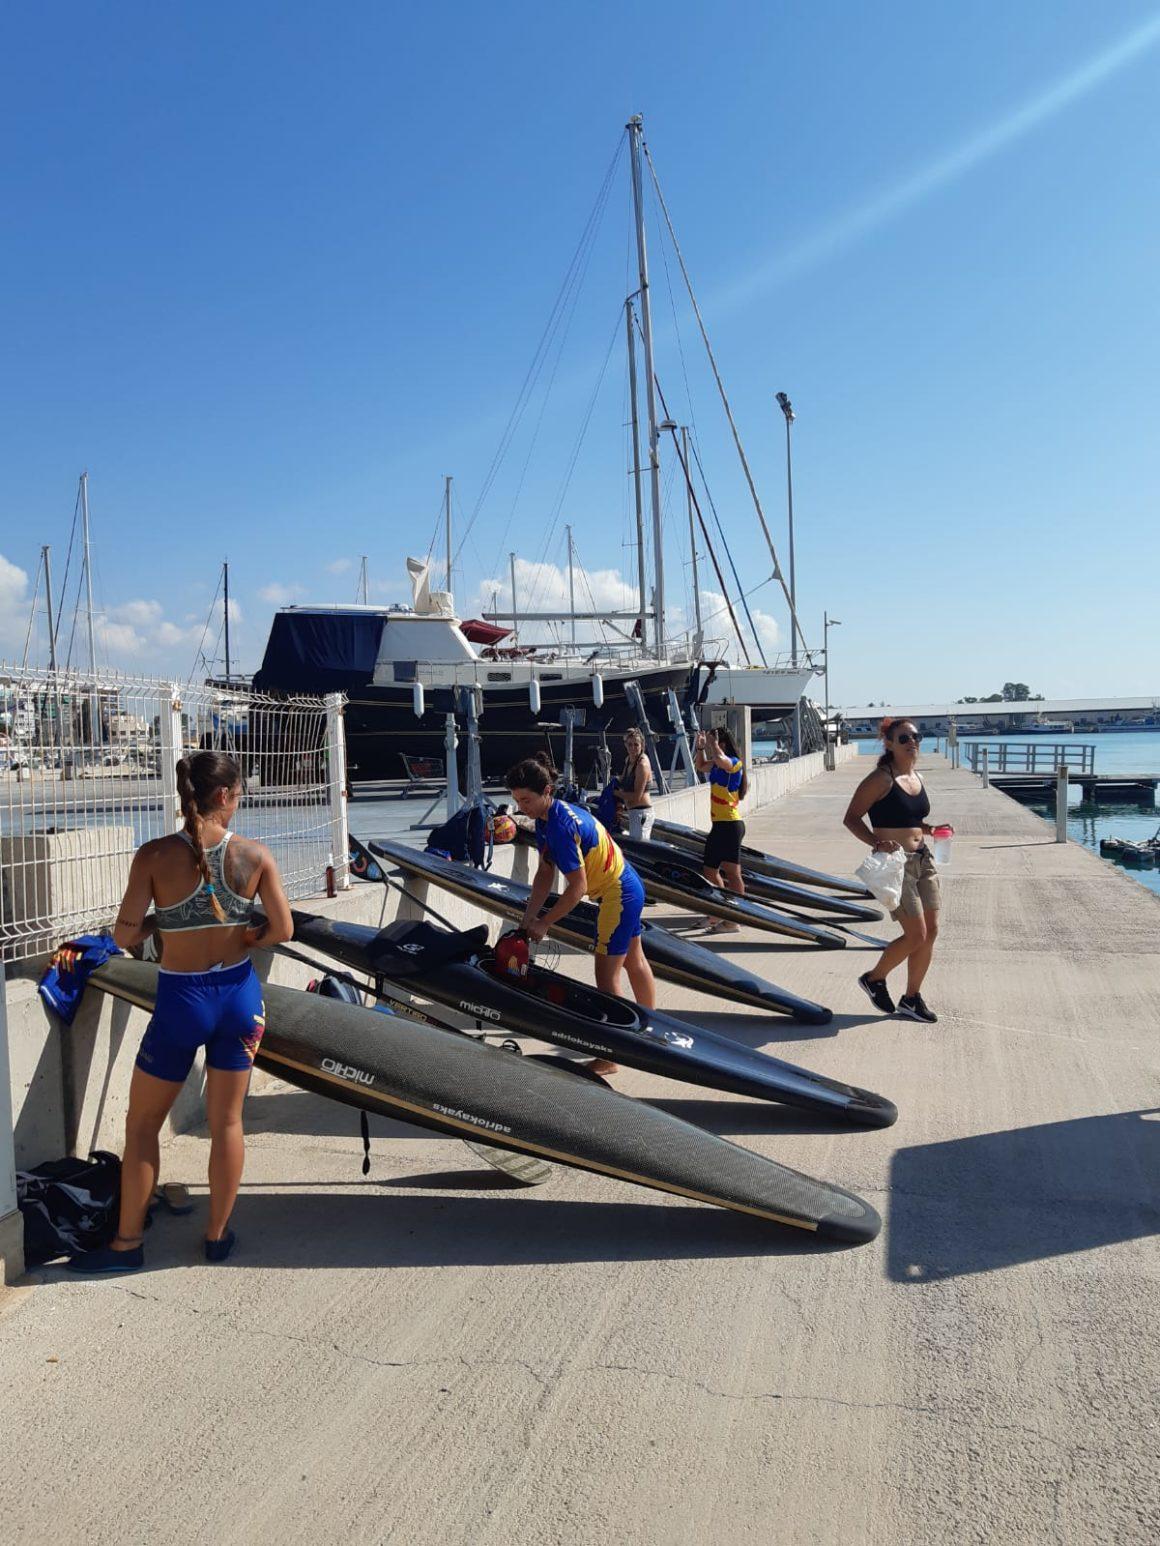 L'equip autonòmic femení de caiac pol es concentra de nou després del confinament en la Marina Burriananova